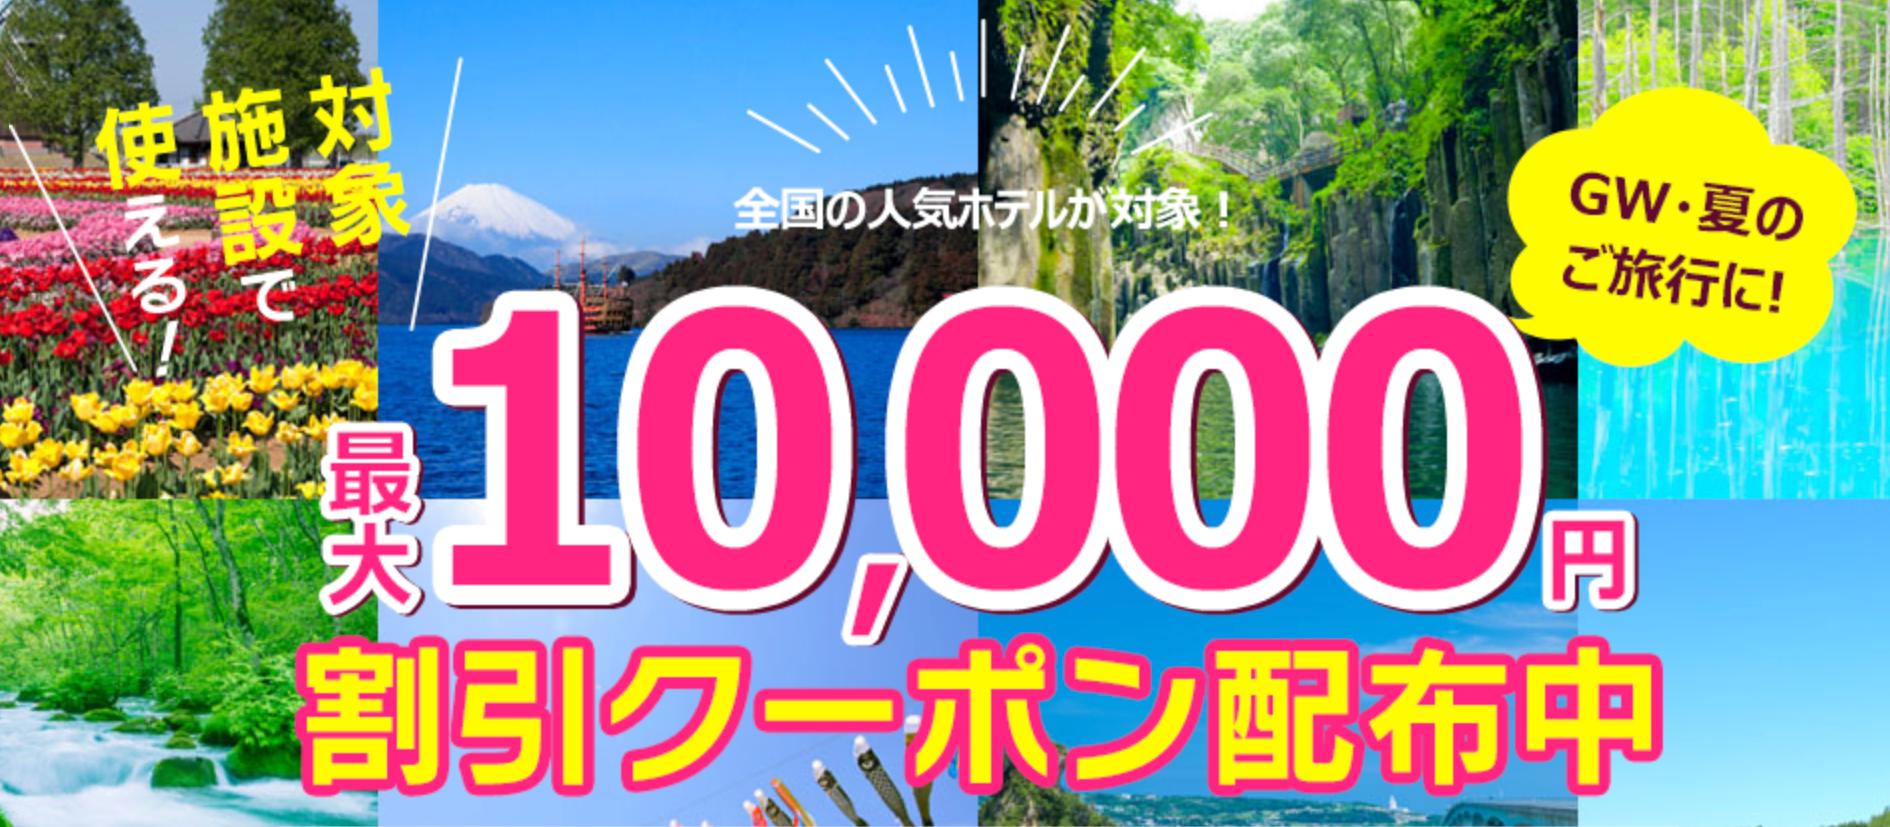 【るるぶトラベル】国内ホテル・ツアー予約で使える最大10,000円割引クーポン